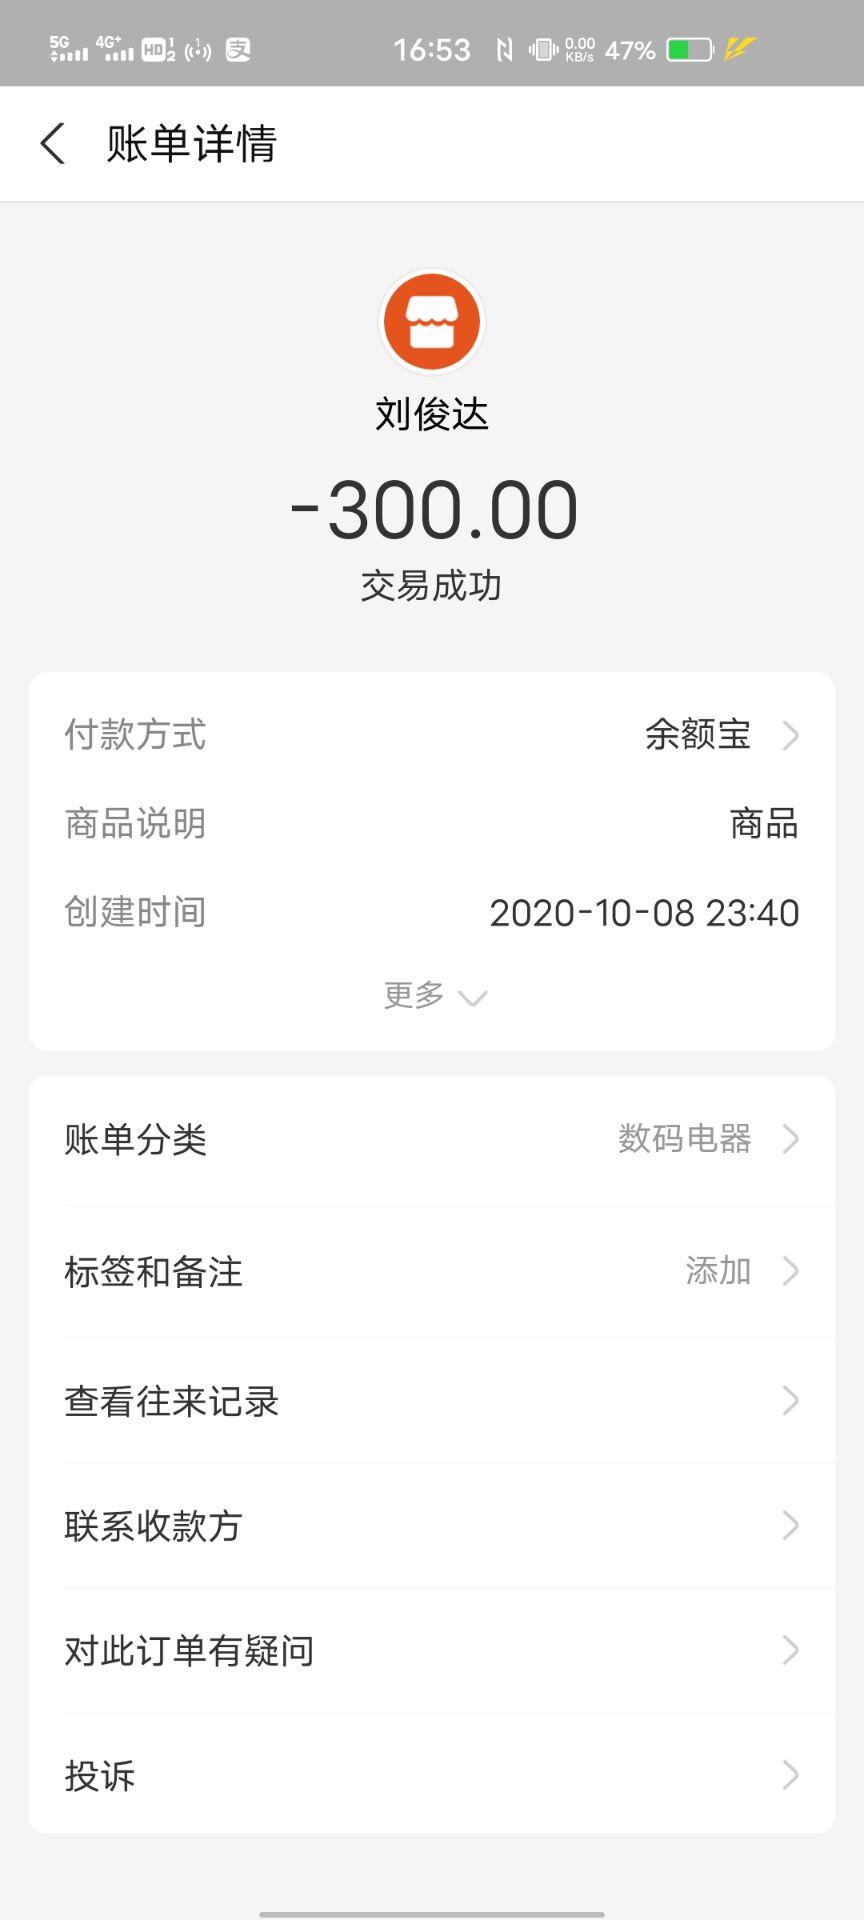 小飞资源网站长跑路500元事件全过程(附:聊天记录)